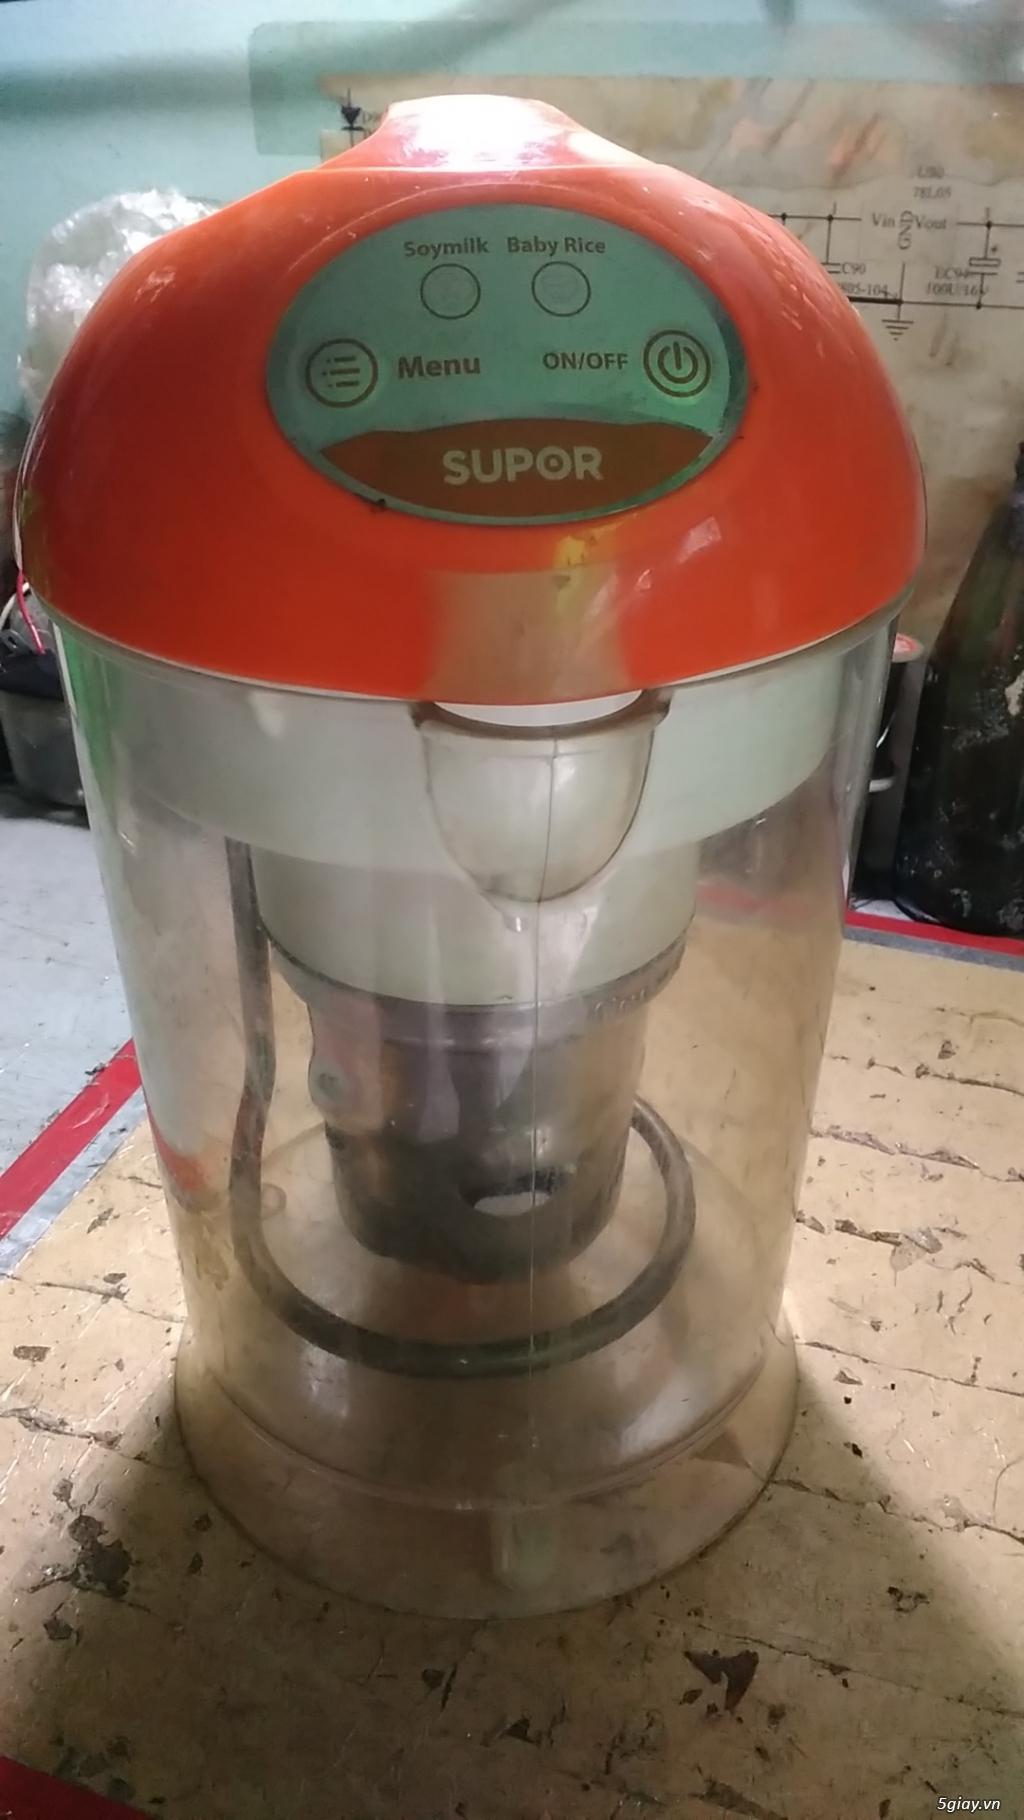 Chuyên sửa bếp hồng ngoại, 0908244258, sửa bếp điện từ, sửa nồi áp suất điện, sửa bếp quang - 29